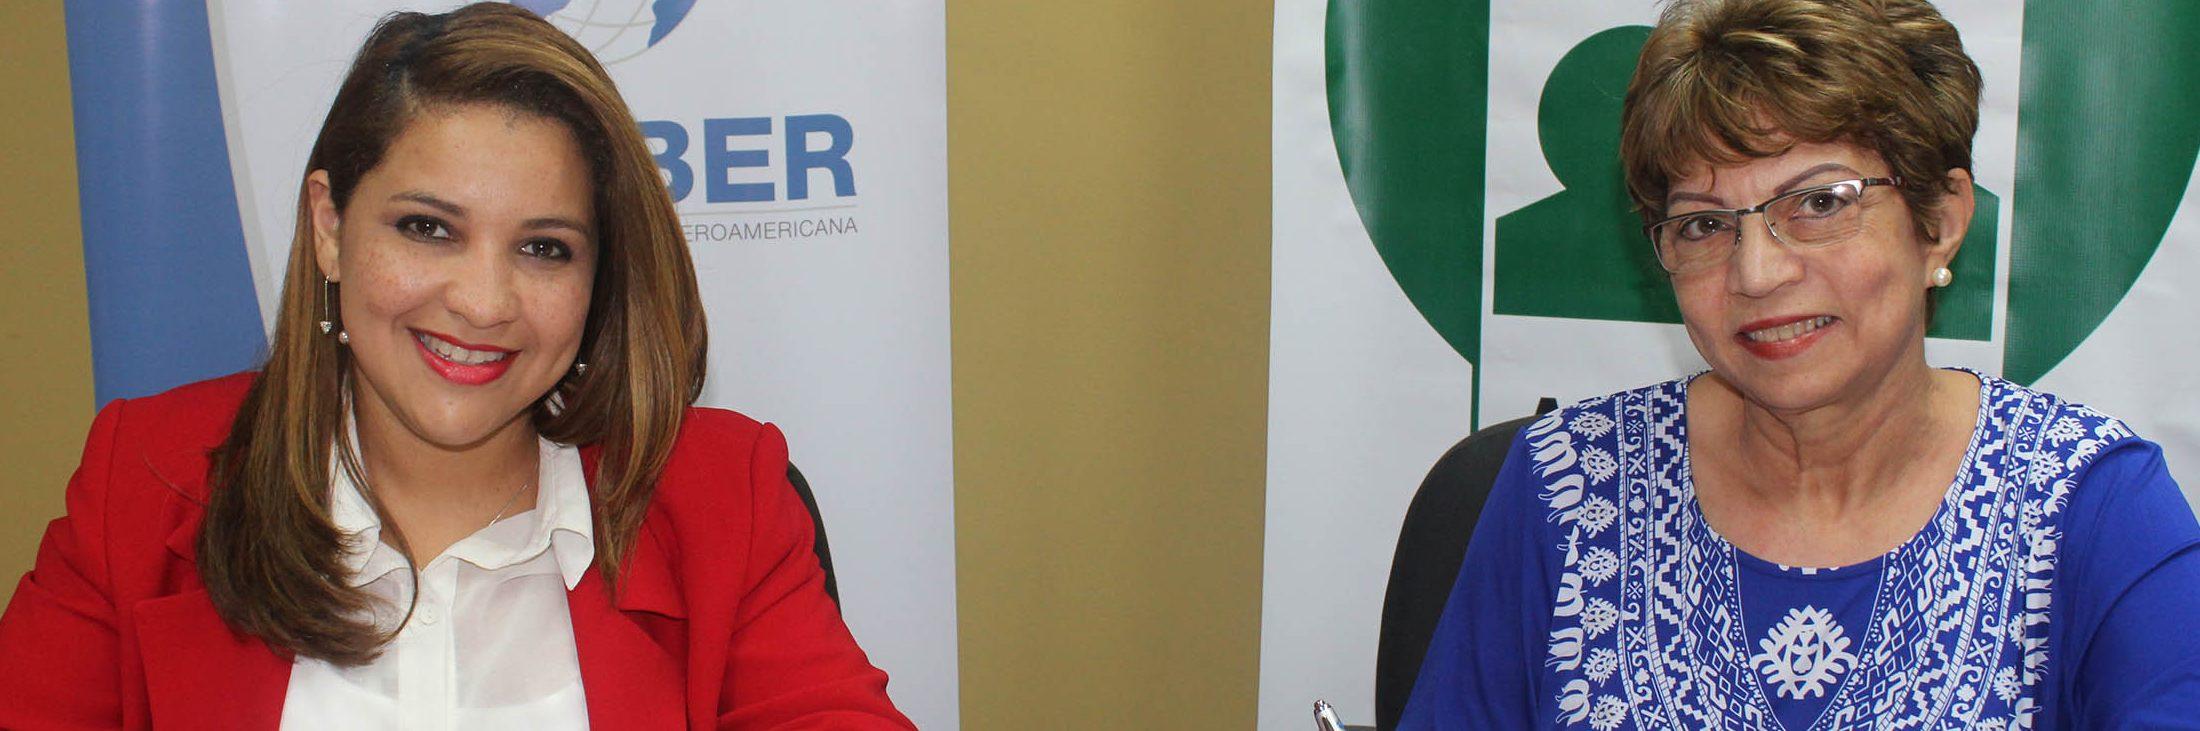 FUNIBER y ADOARH renuevan el convenio de colaboración en República Dominicana